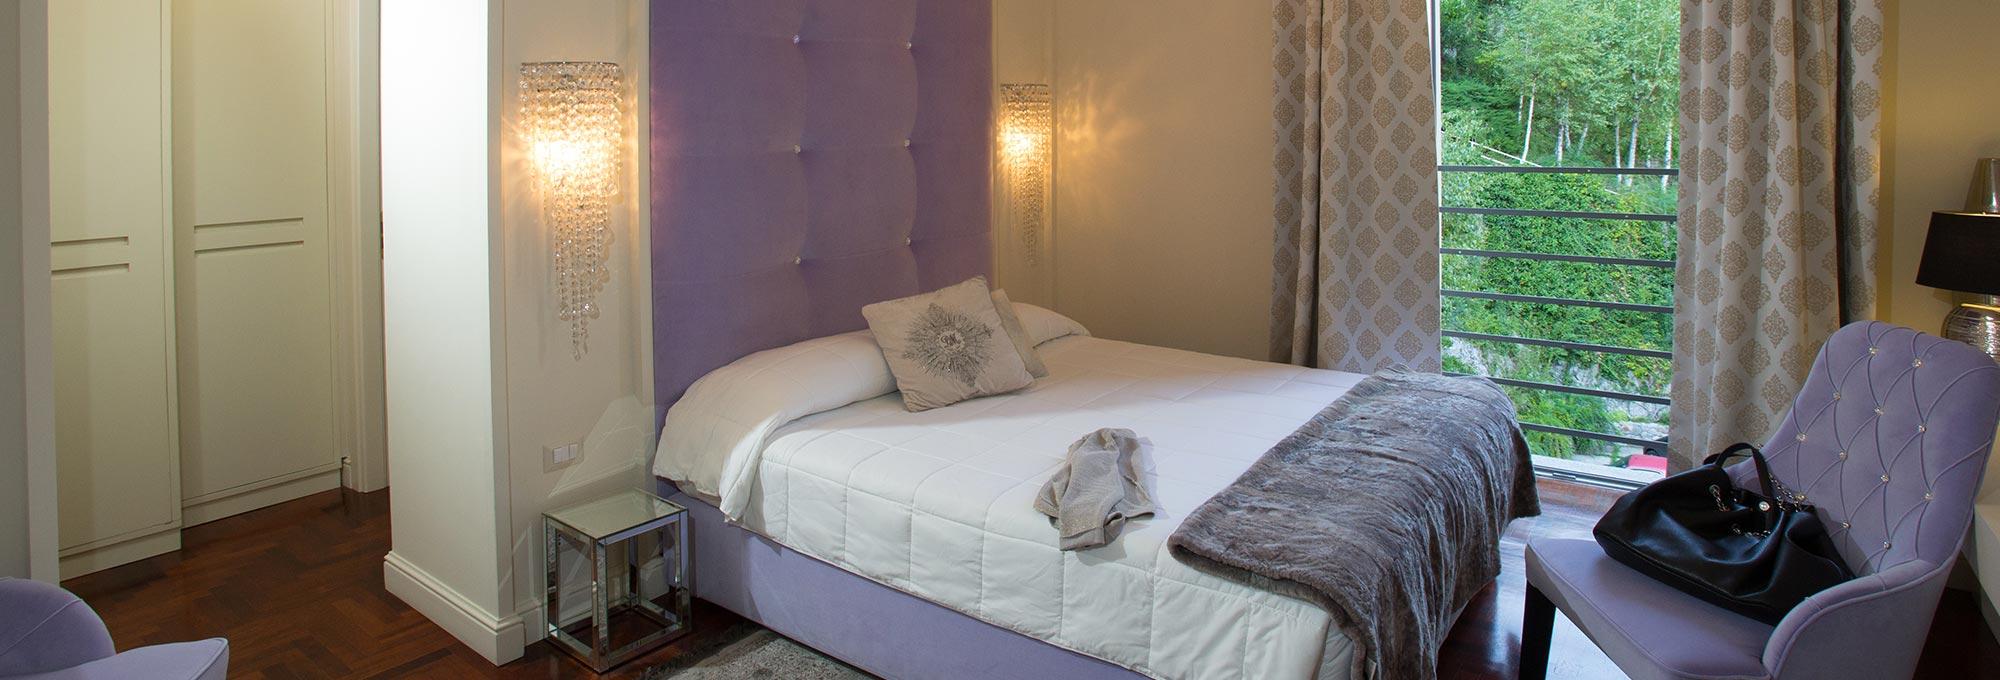 Hotel Villa Giulia Lecco - Camera Deluxe